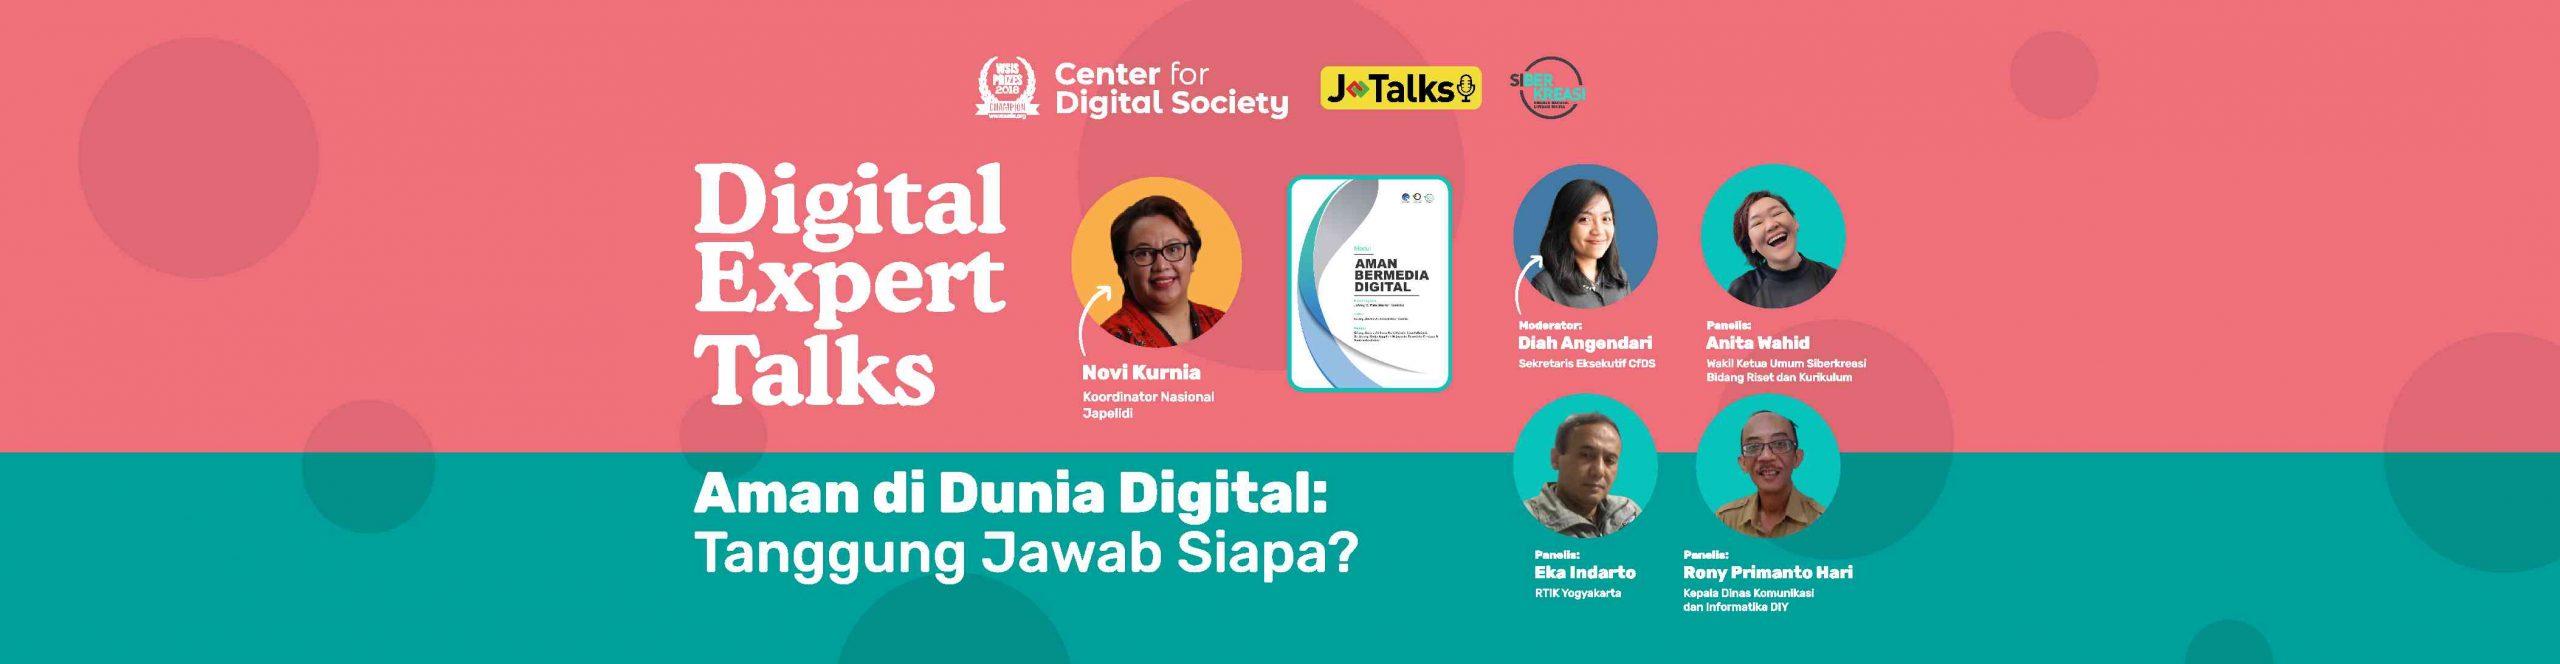 [SIARAN PERS] Aman di Dunia Digital: Tanggung Jawab Siapa? | Digital Expert Talks